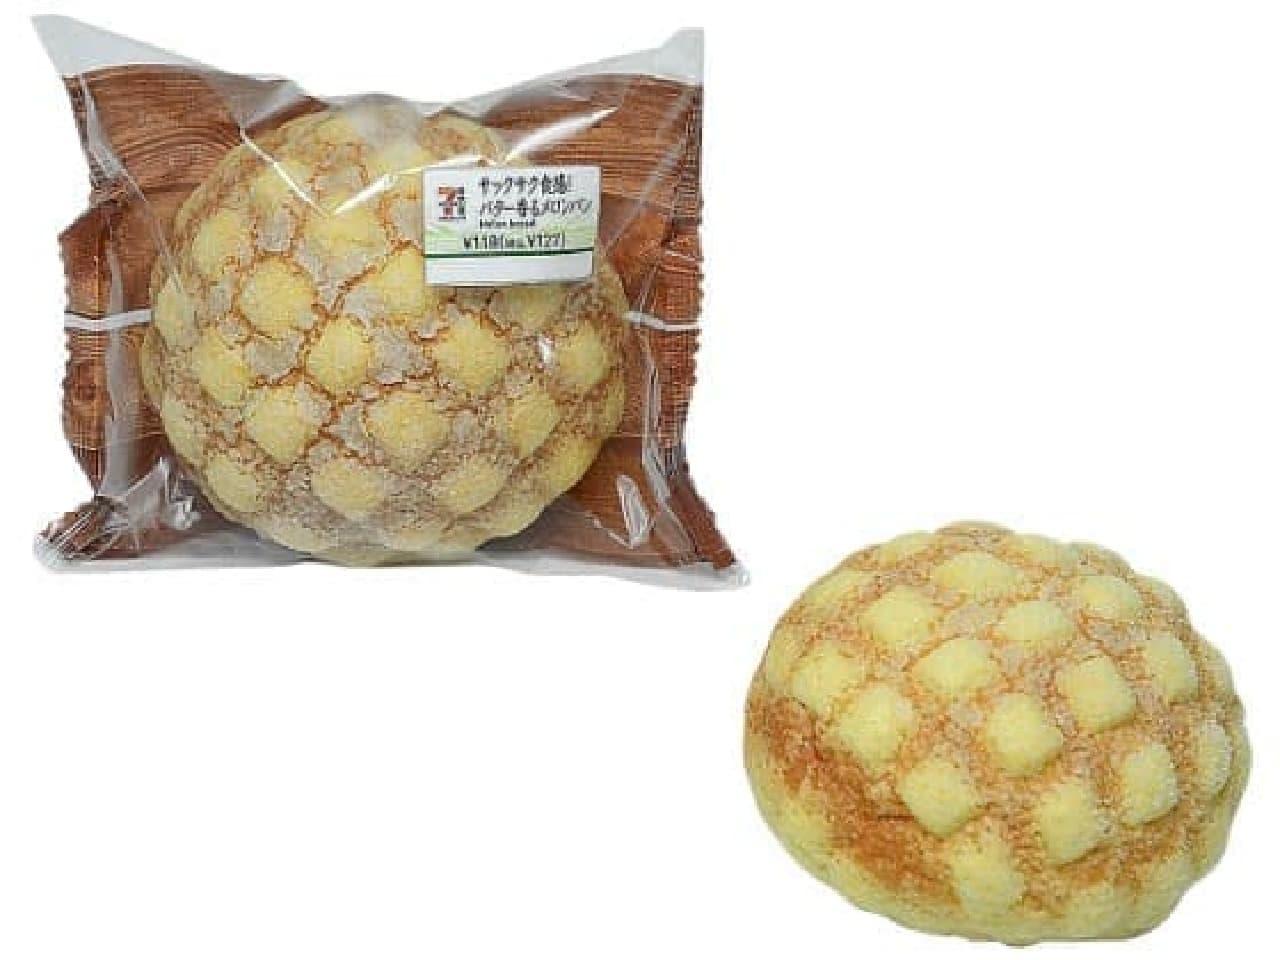 セブン-イレブン「サックサク食感!バター香るメロンパン」